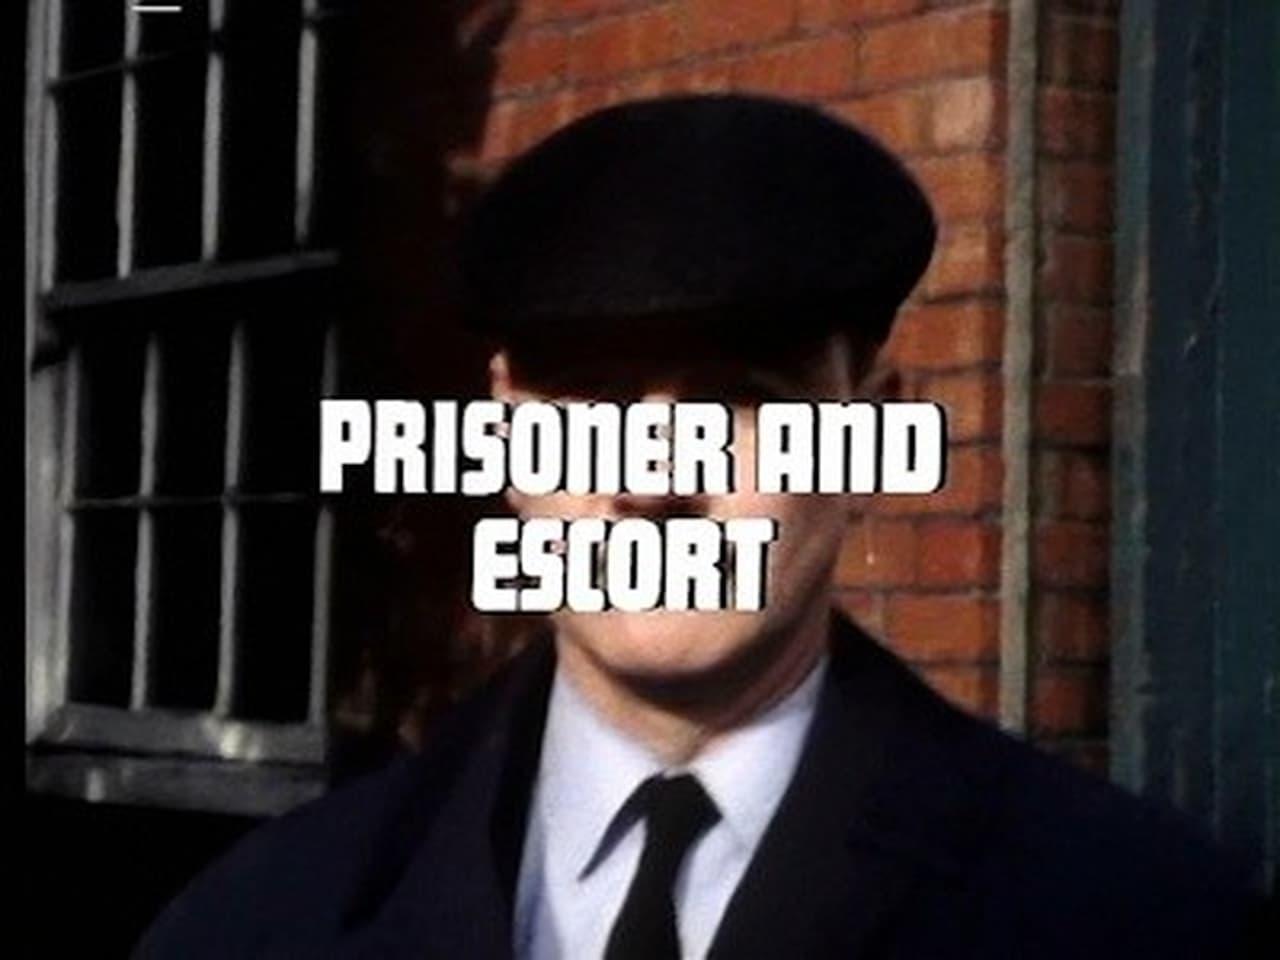 Prisoner and Escort